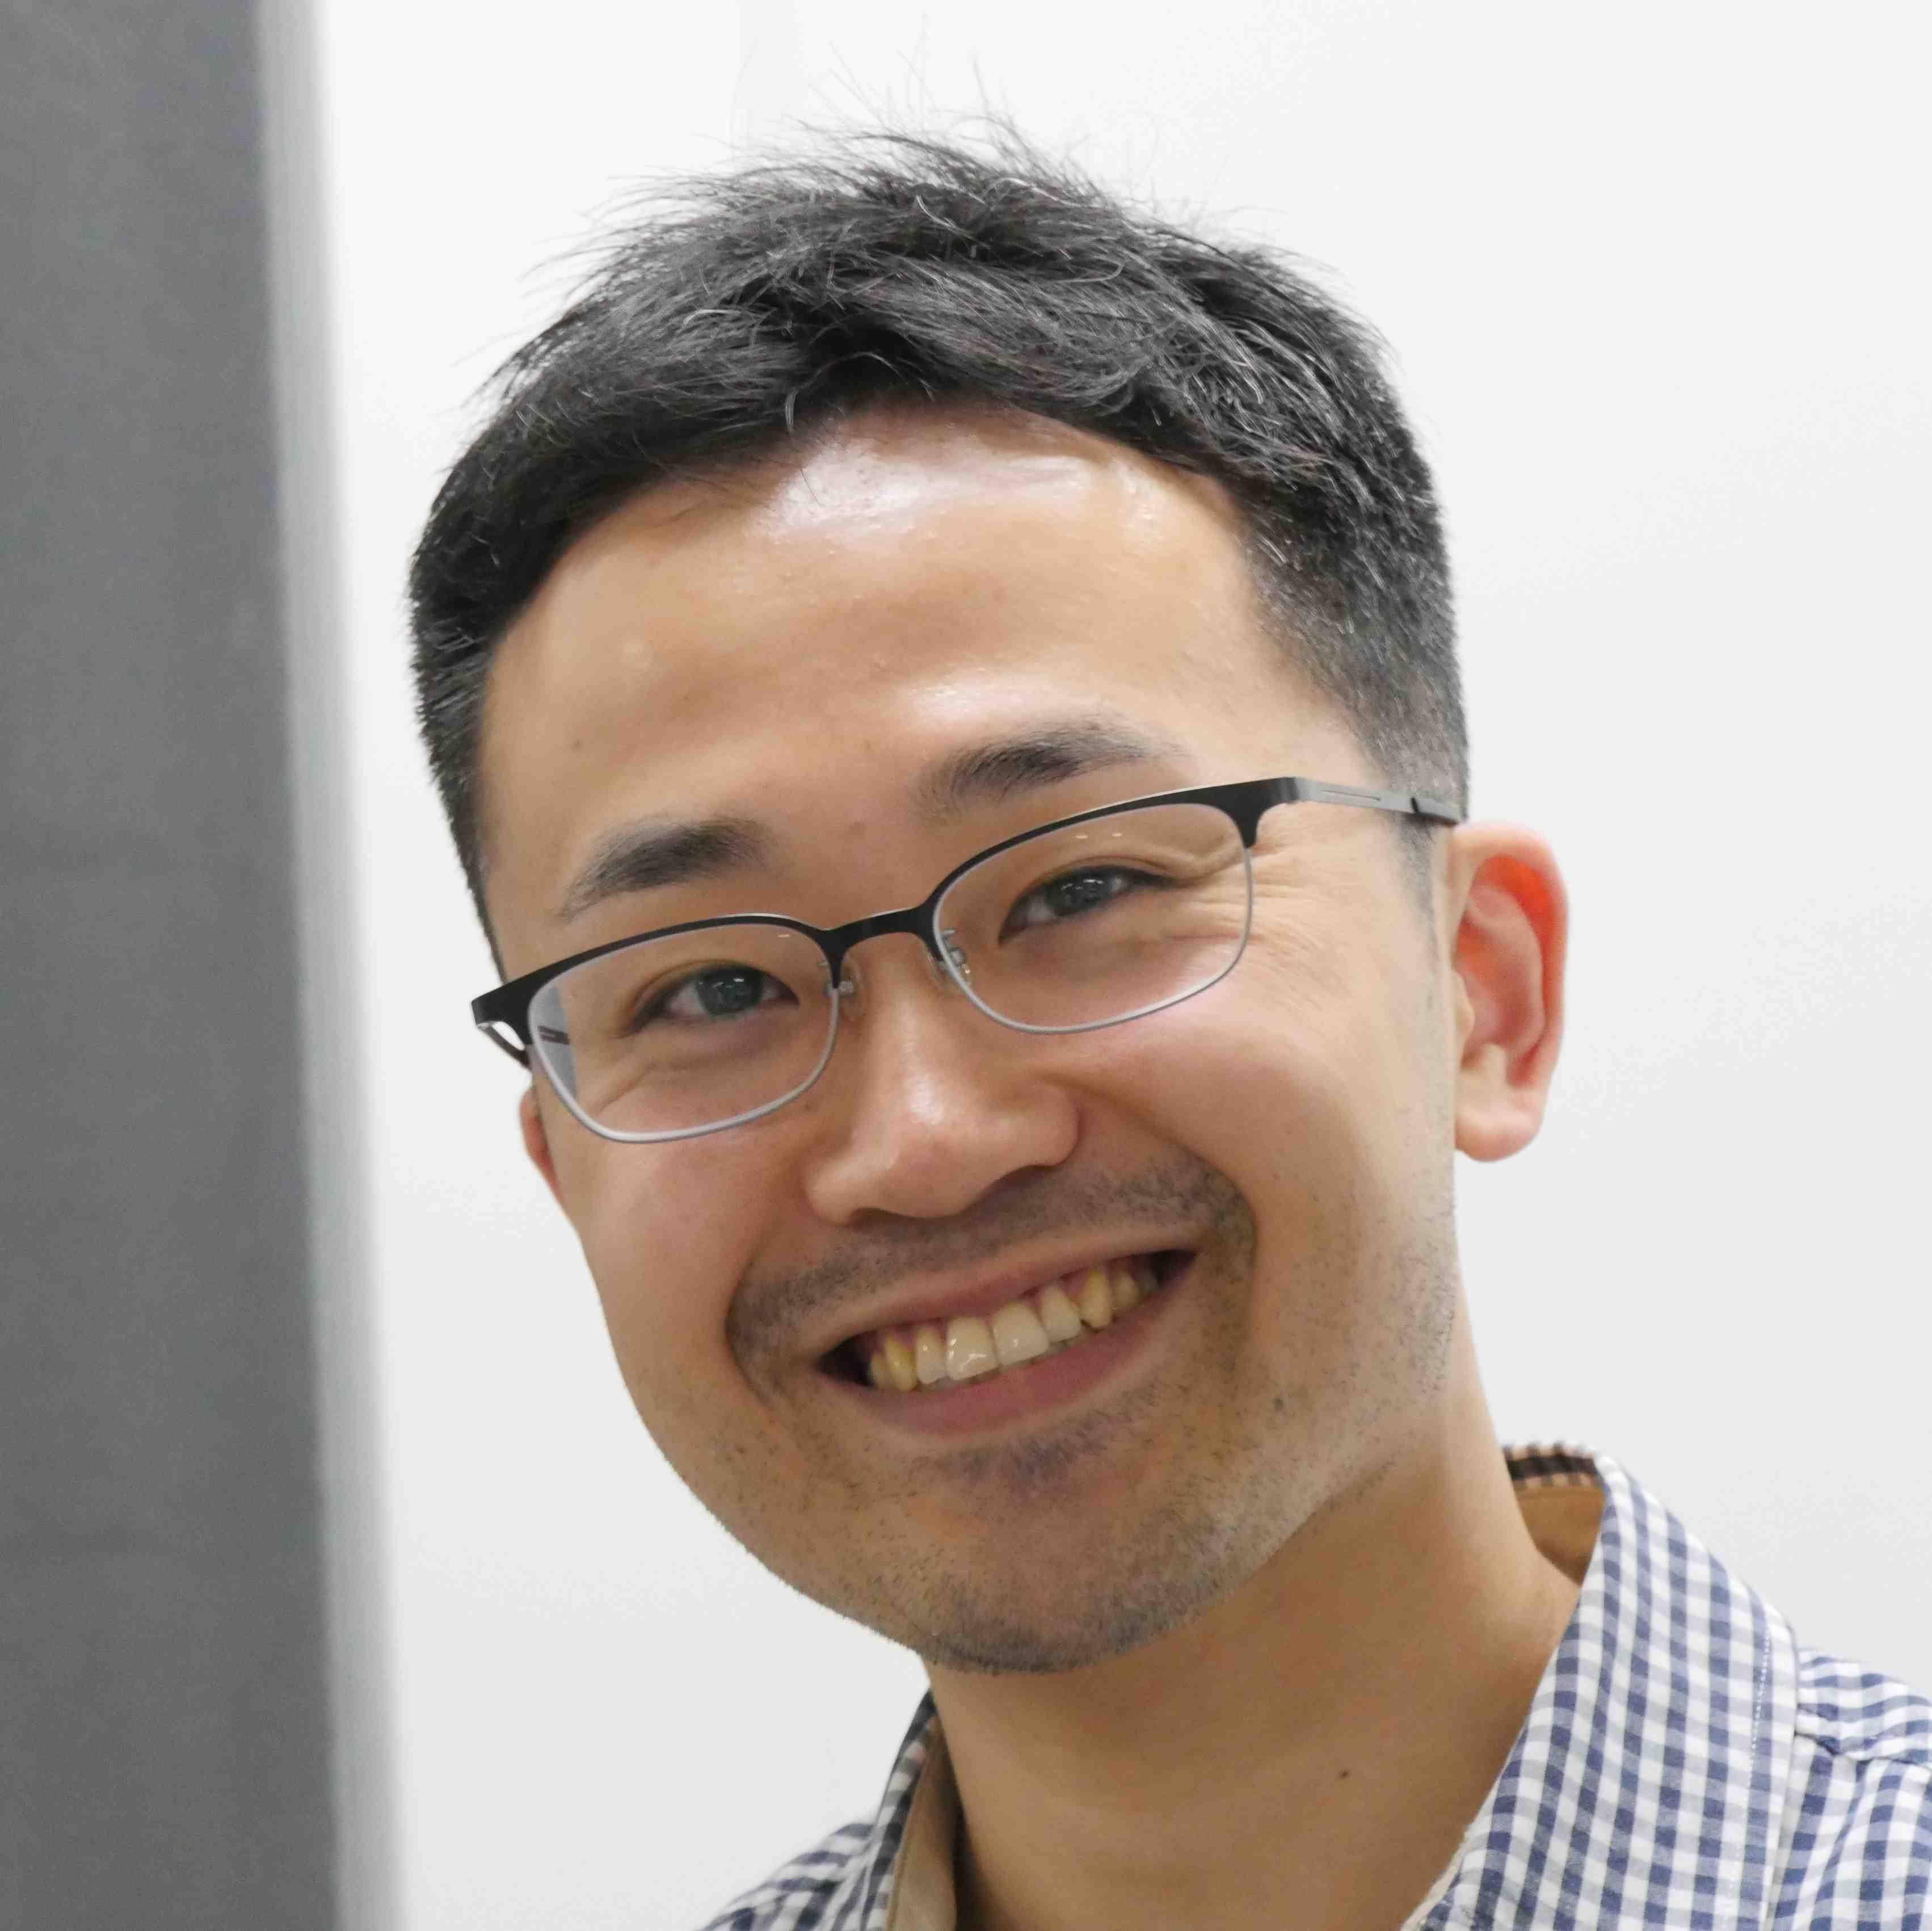 Soichiro Yamanaka : Assistant Professor